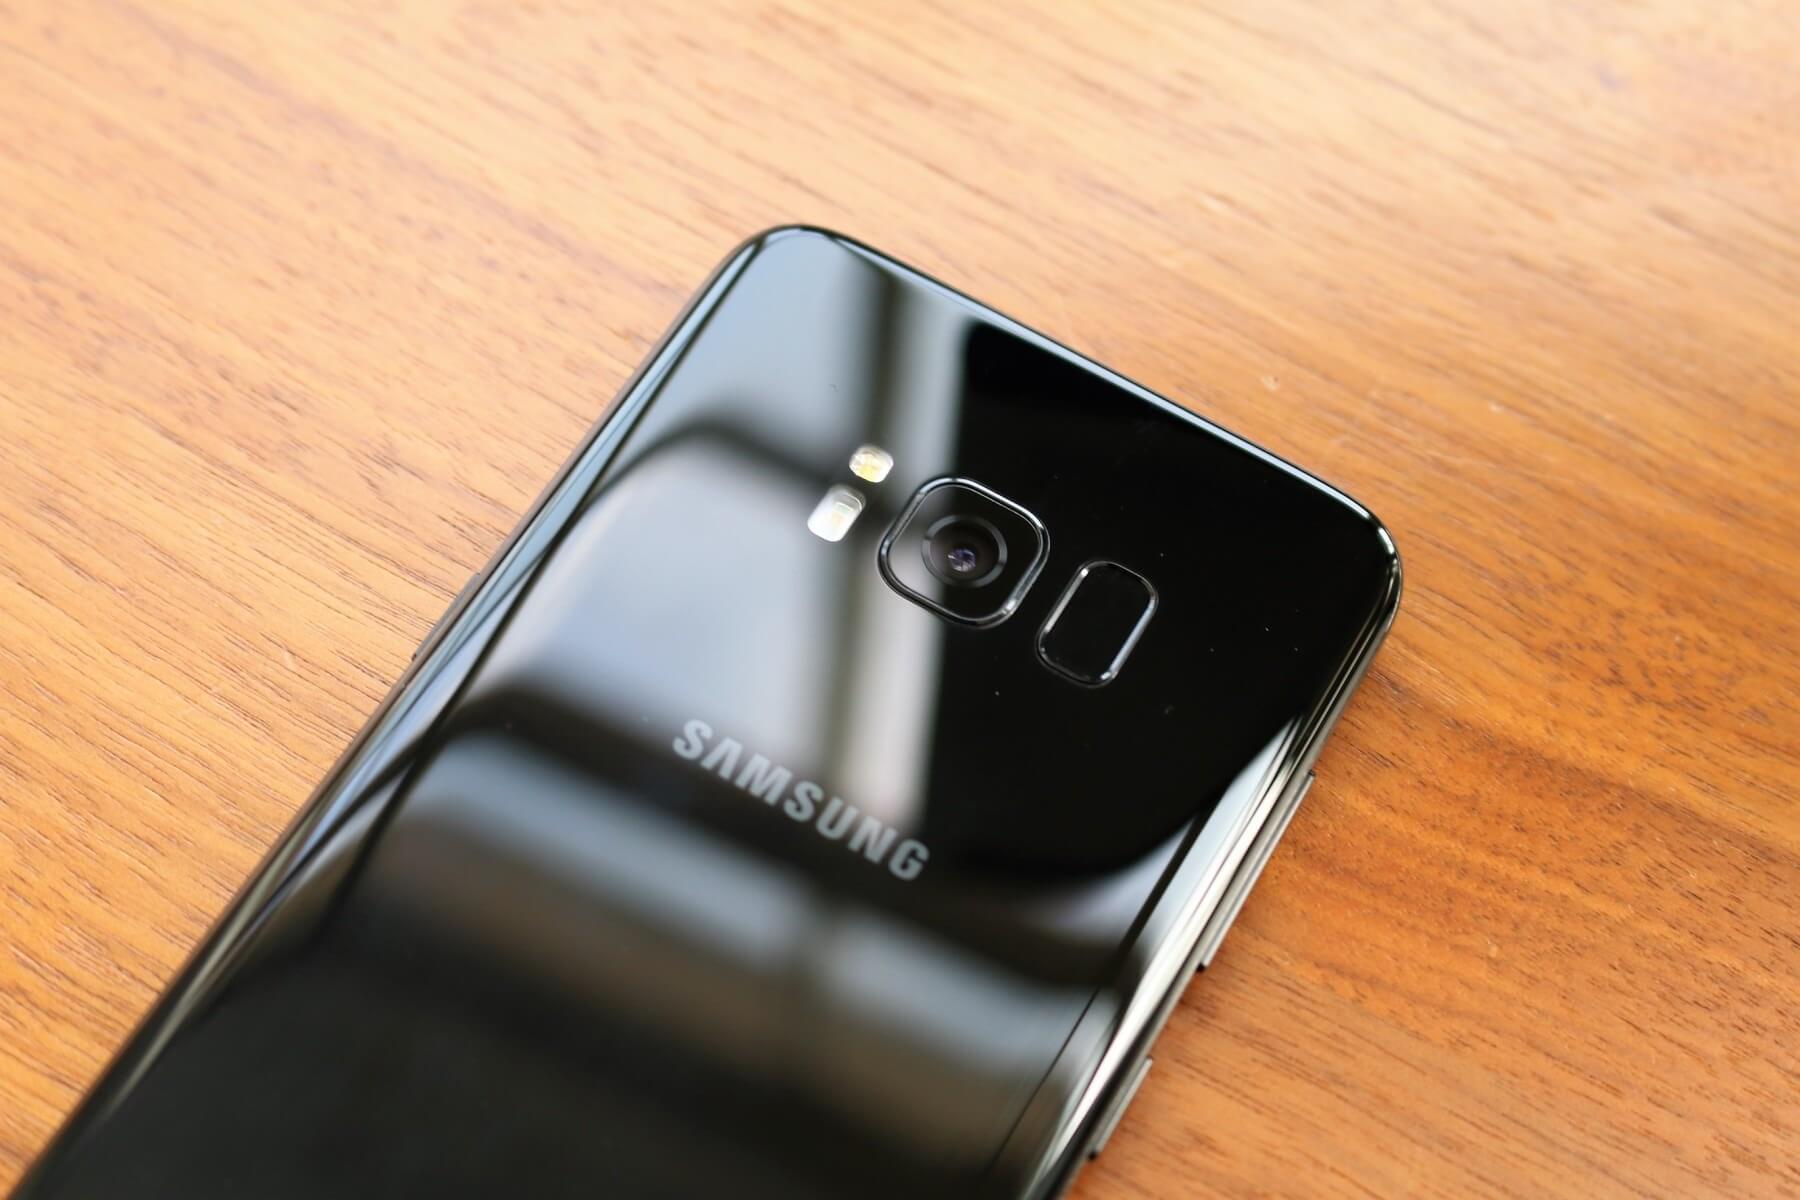 Galaxy S8: Gibt Produktionsschwierigkeiten bei den Chips?